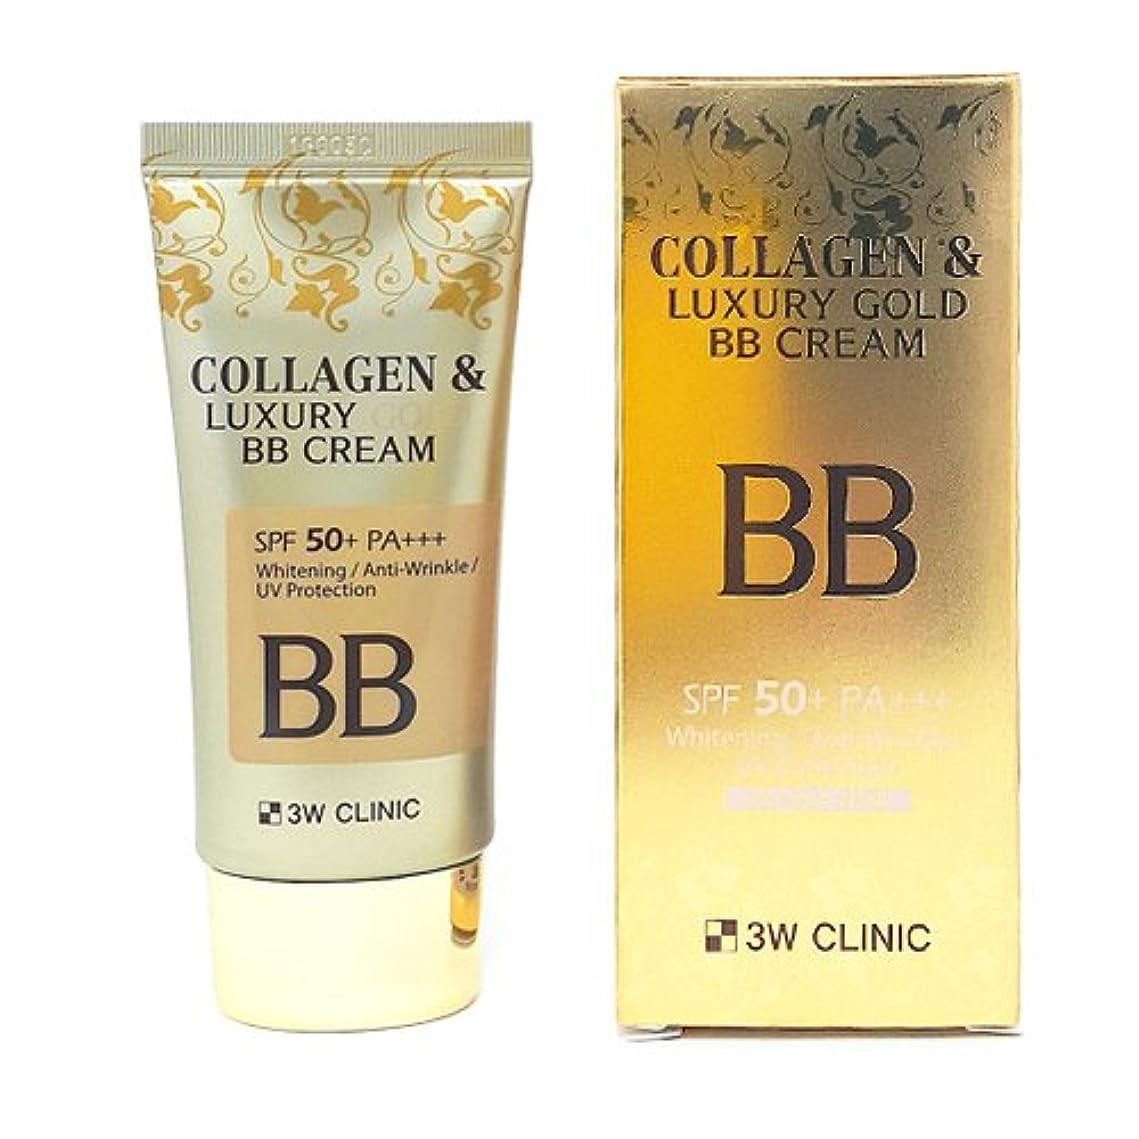 かすれたピューできる3Wクリニック[韓国コスメ3w Clinic]Collagen & Luxury Gold BB Cream コラーゲンラグジュアリーゴールド BBクリーム50ml 50+/PA+++[並行輸入品]